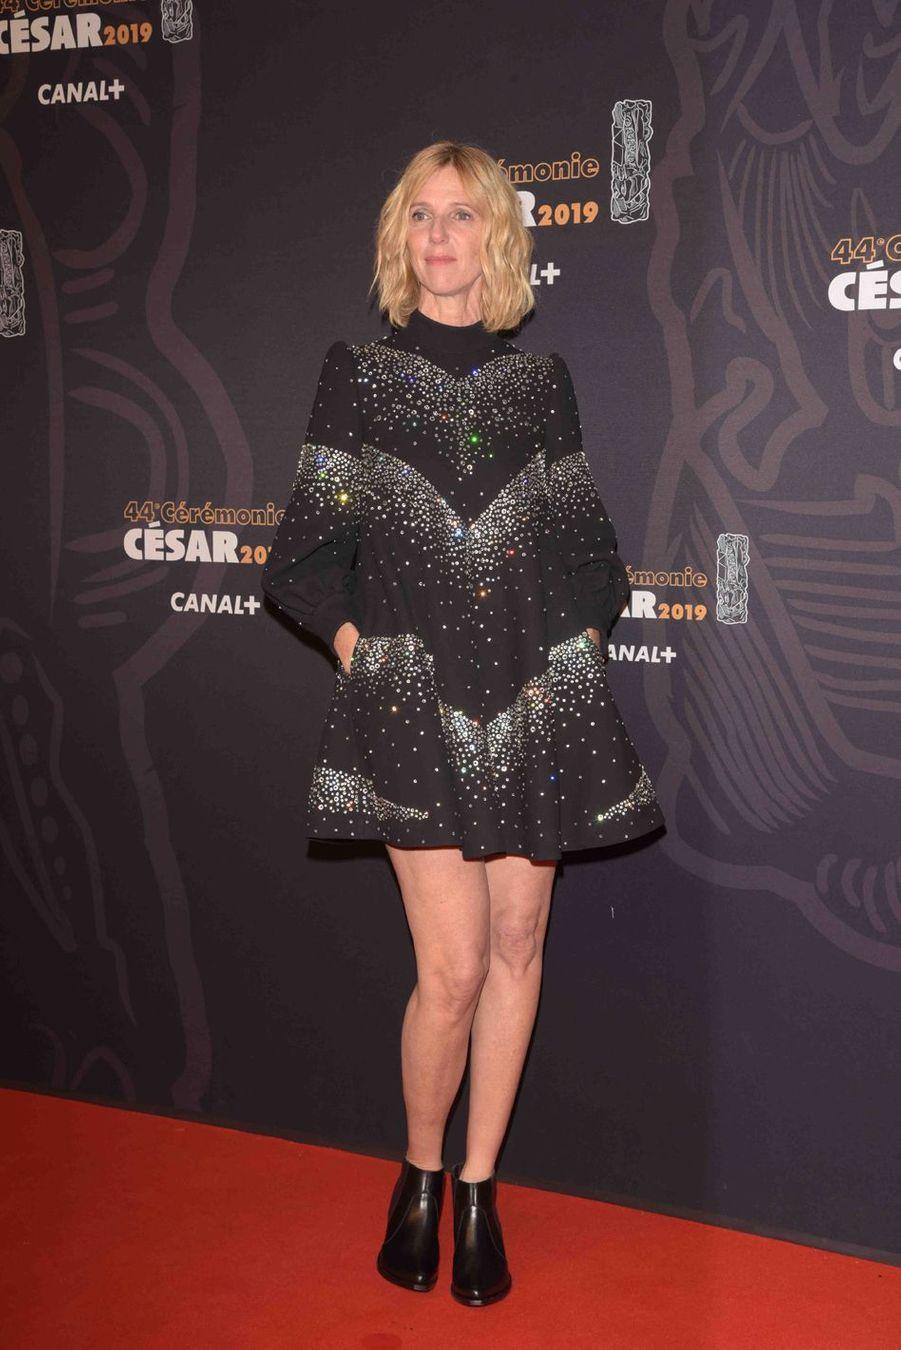 Sandrine Kiberlainà la 44e cérémonie des César à la Salle Pleyel à Paris le 22 février 2019